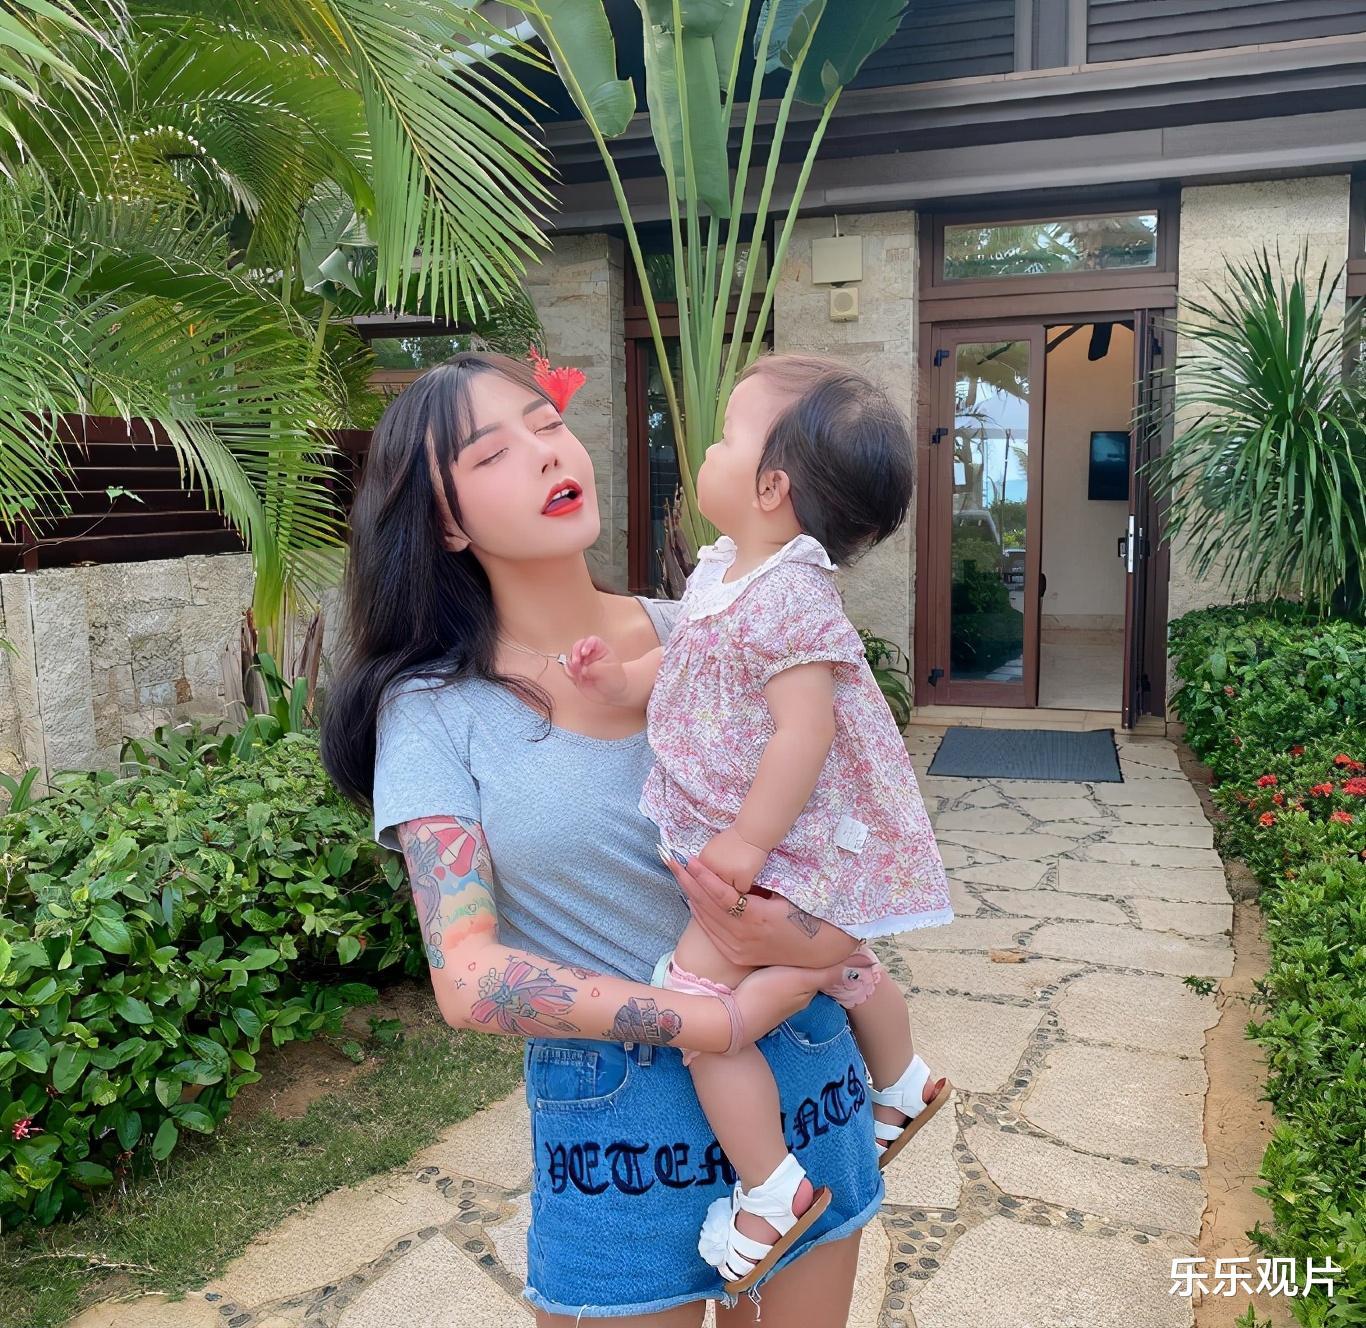 韓安冉又買700萬的超級豪車, 離婚後做單親媽媽的她超幸福-圖2